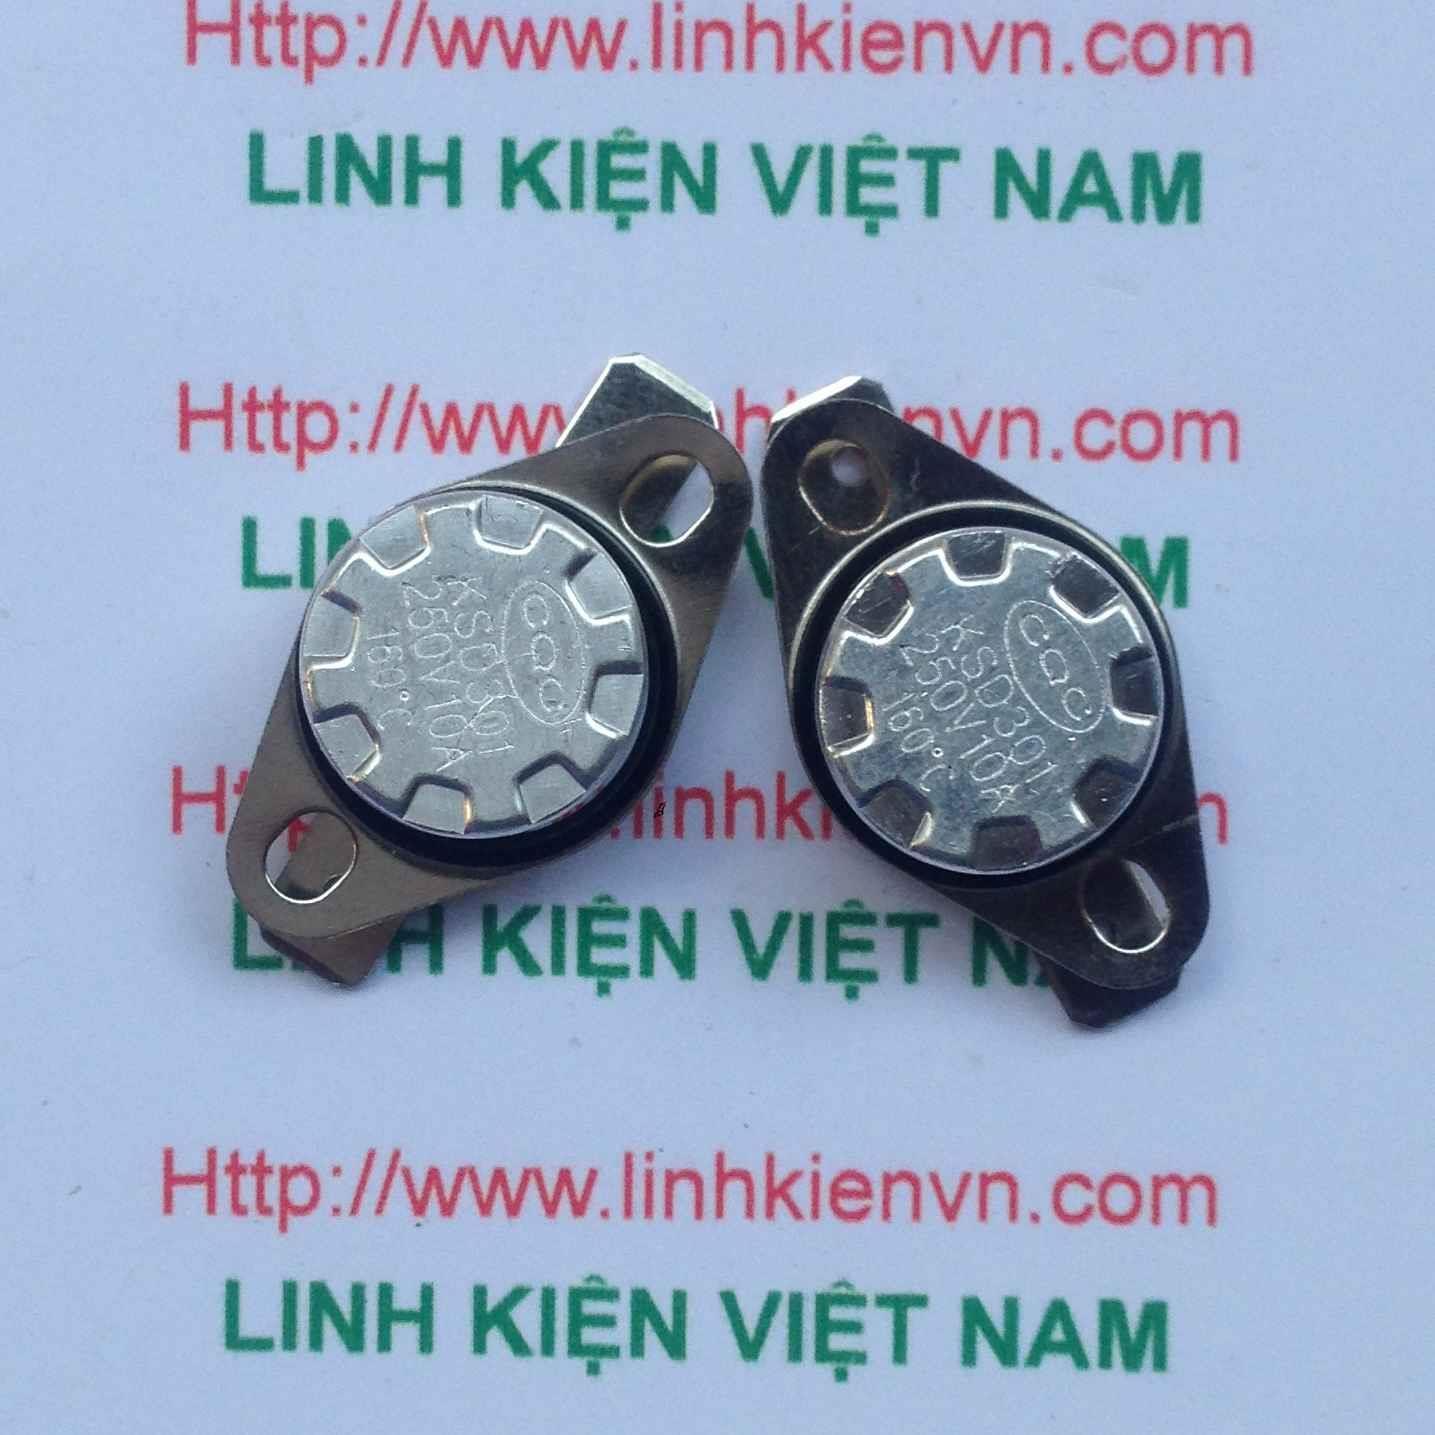 Relay nhiệt 160 độ KSD301 10A/250V - G3H9 Thường đóng - rơ le nhiệt